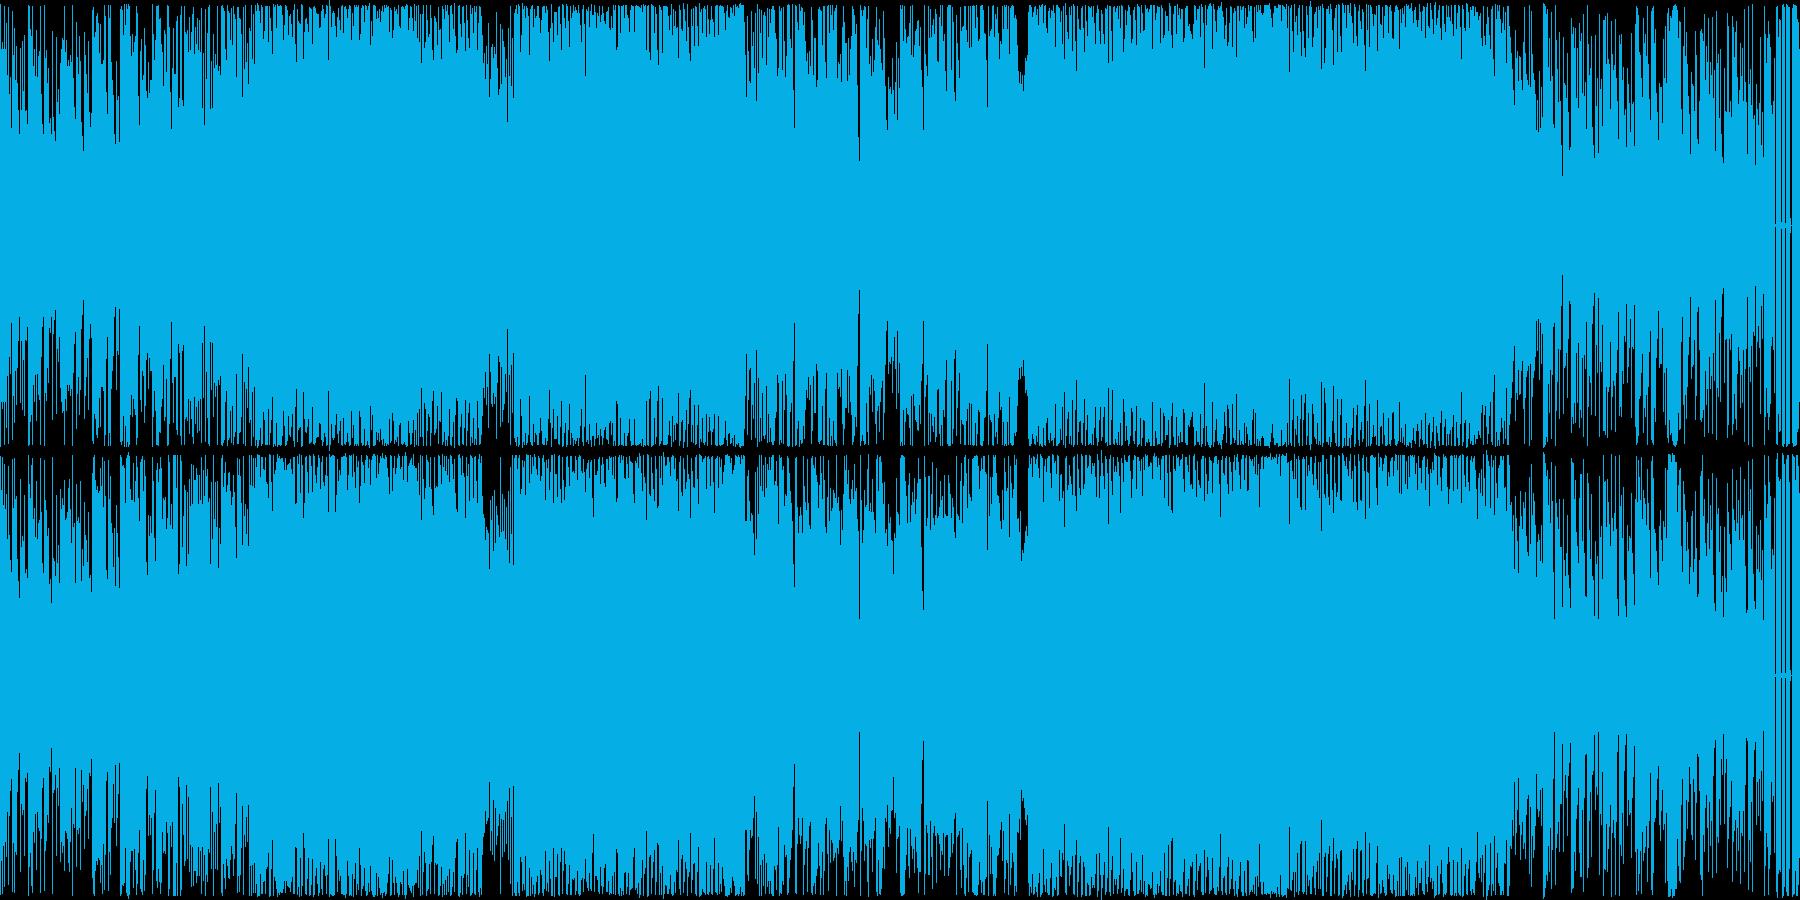 心がウキウキEDM的テクノポップ ループの再生済みの波形